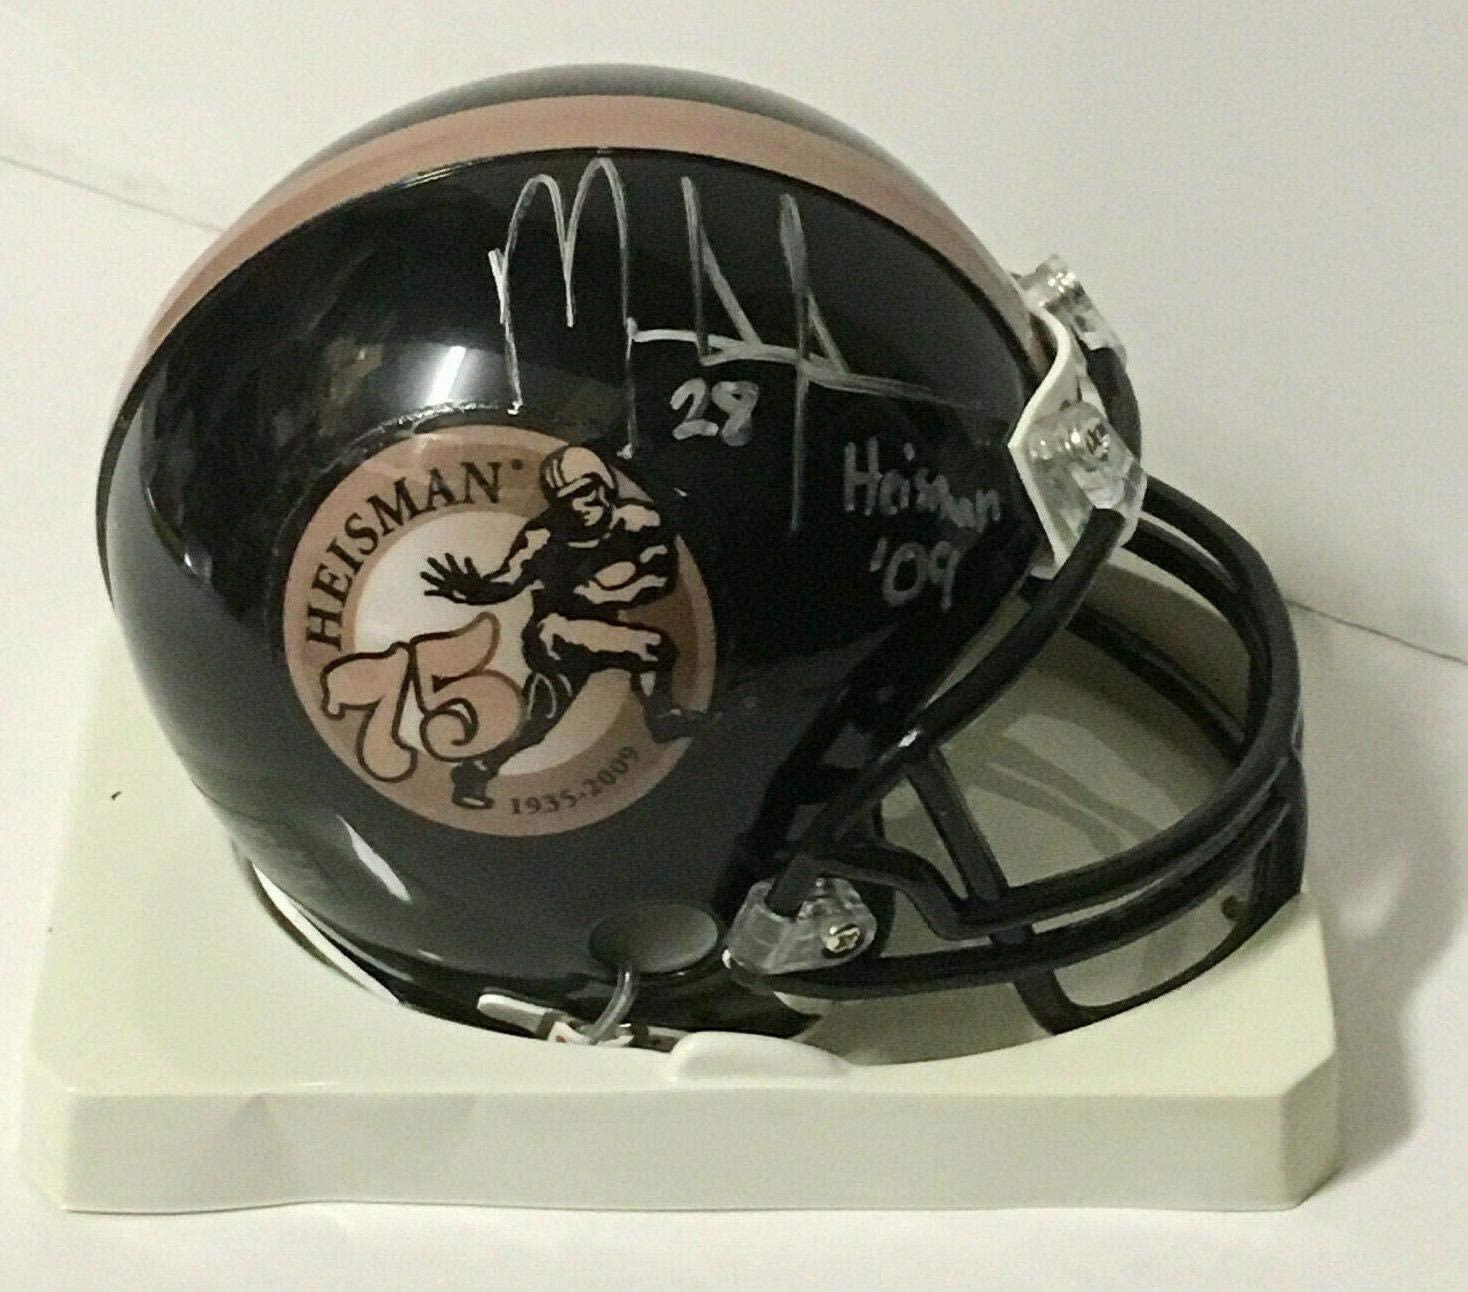 Mark Ingram Autographed Mini Helmet - ins 09 Heisman CBM COA - Autographed NFL Mini Helmets